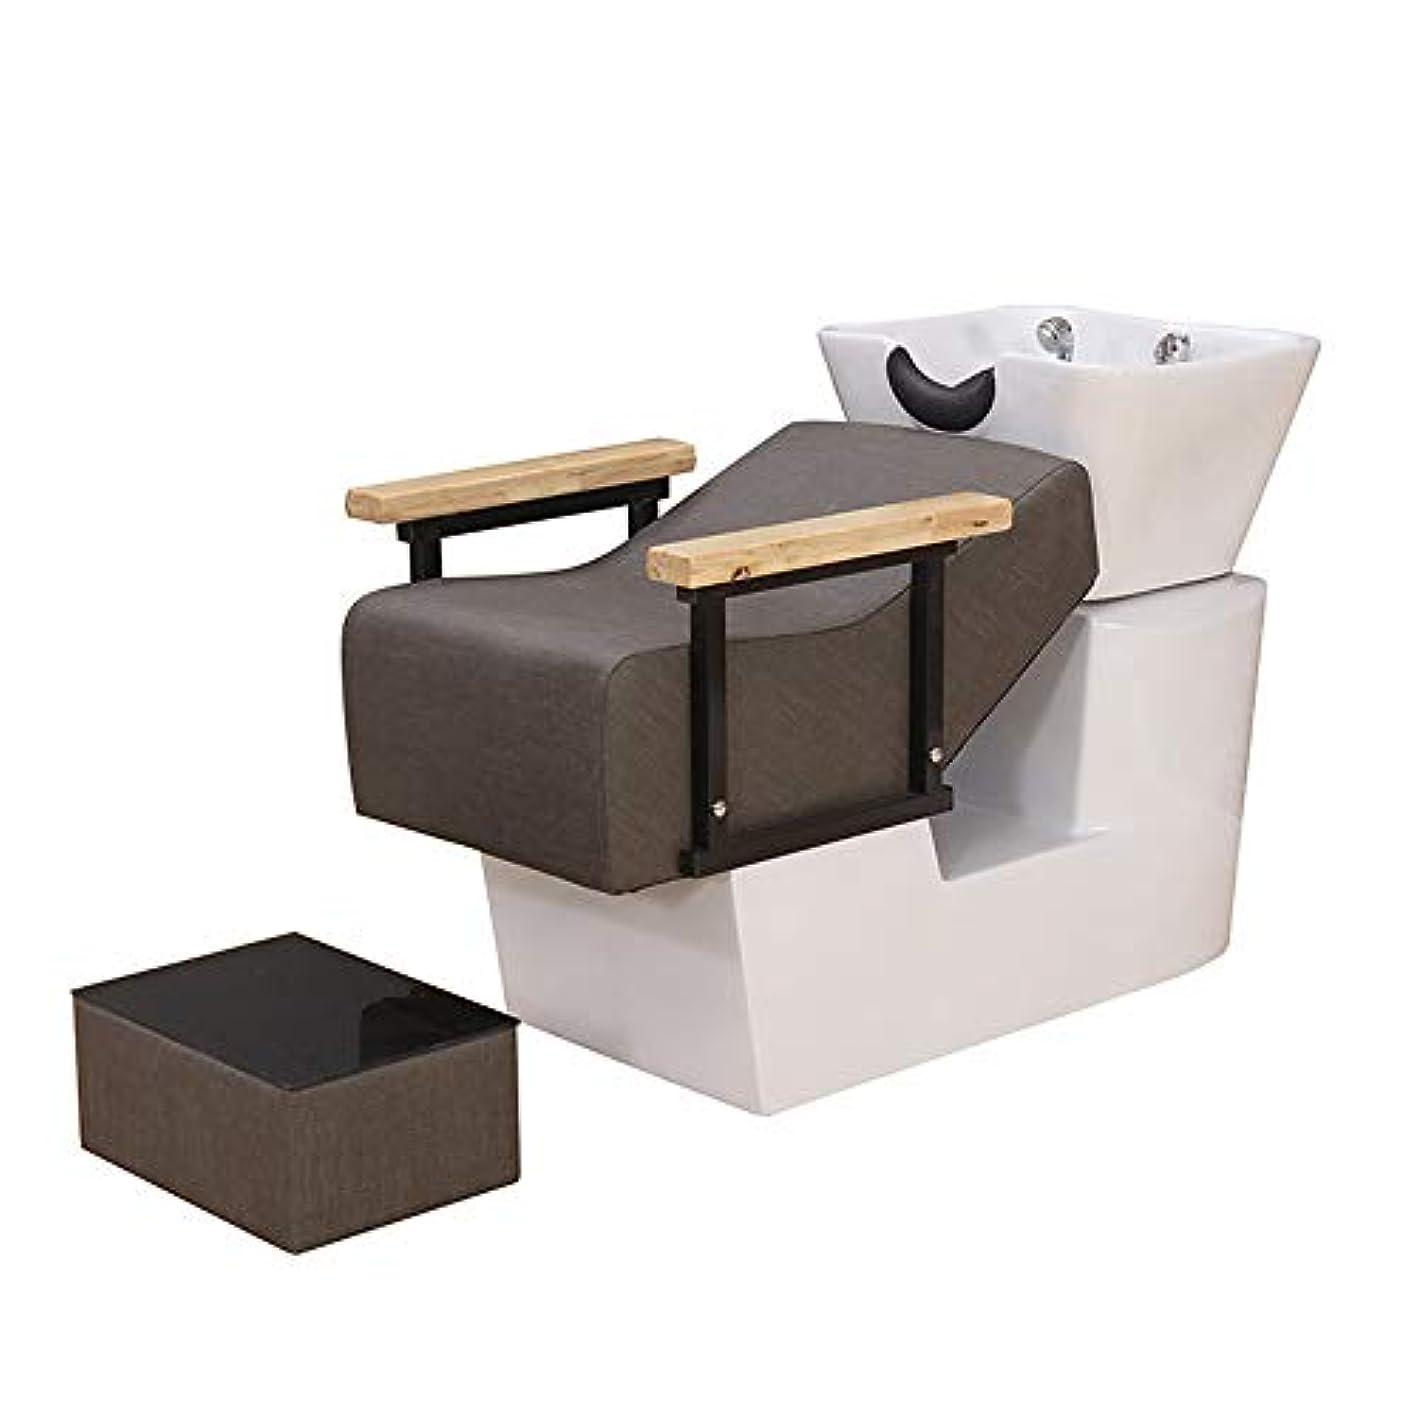 宮殿矩形狂うシャンプーチェア、逆洗ユニットシャンプーボウル理髪シンクシンクチェア用スパ美容院機器用半埋め込みフラッシュベッド